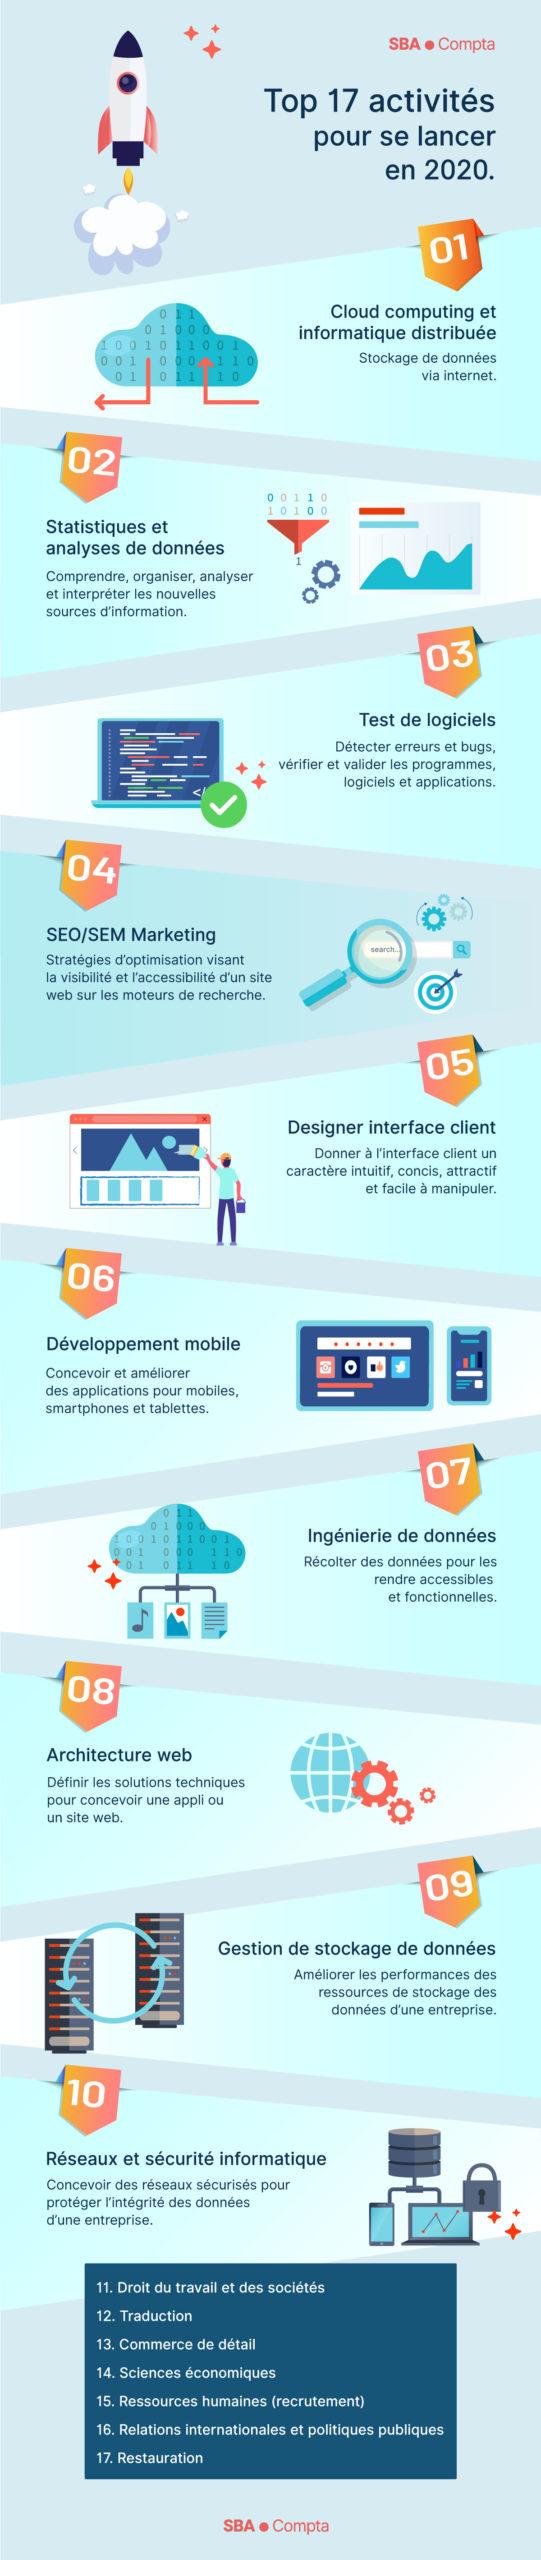 Infographie :TOP 17 activités pour lancer votre business 2020